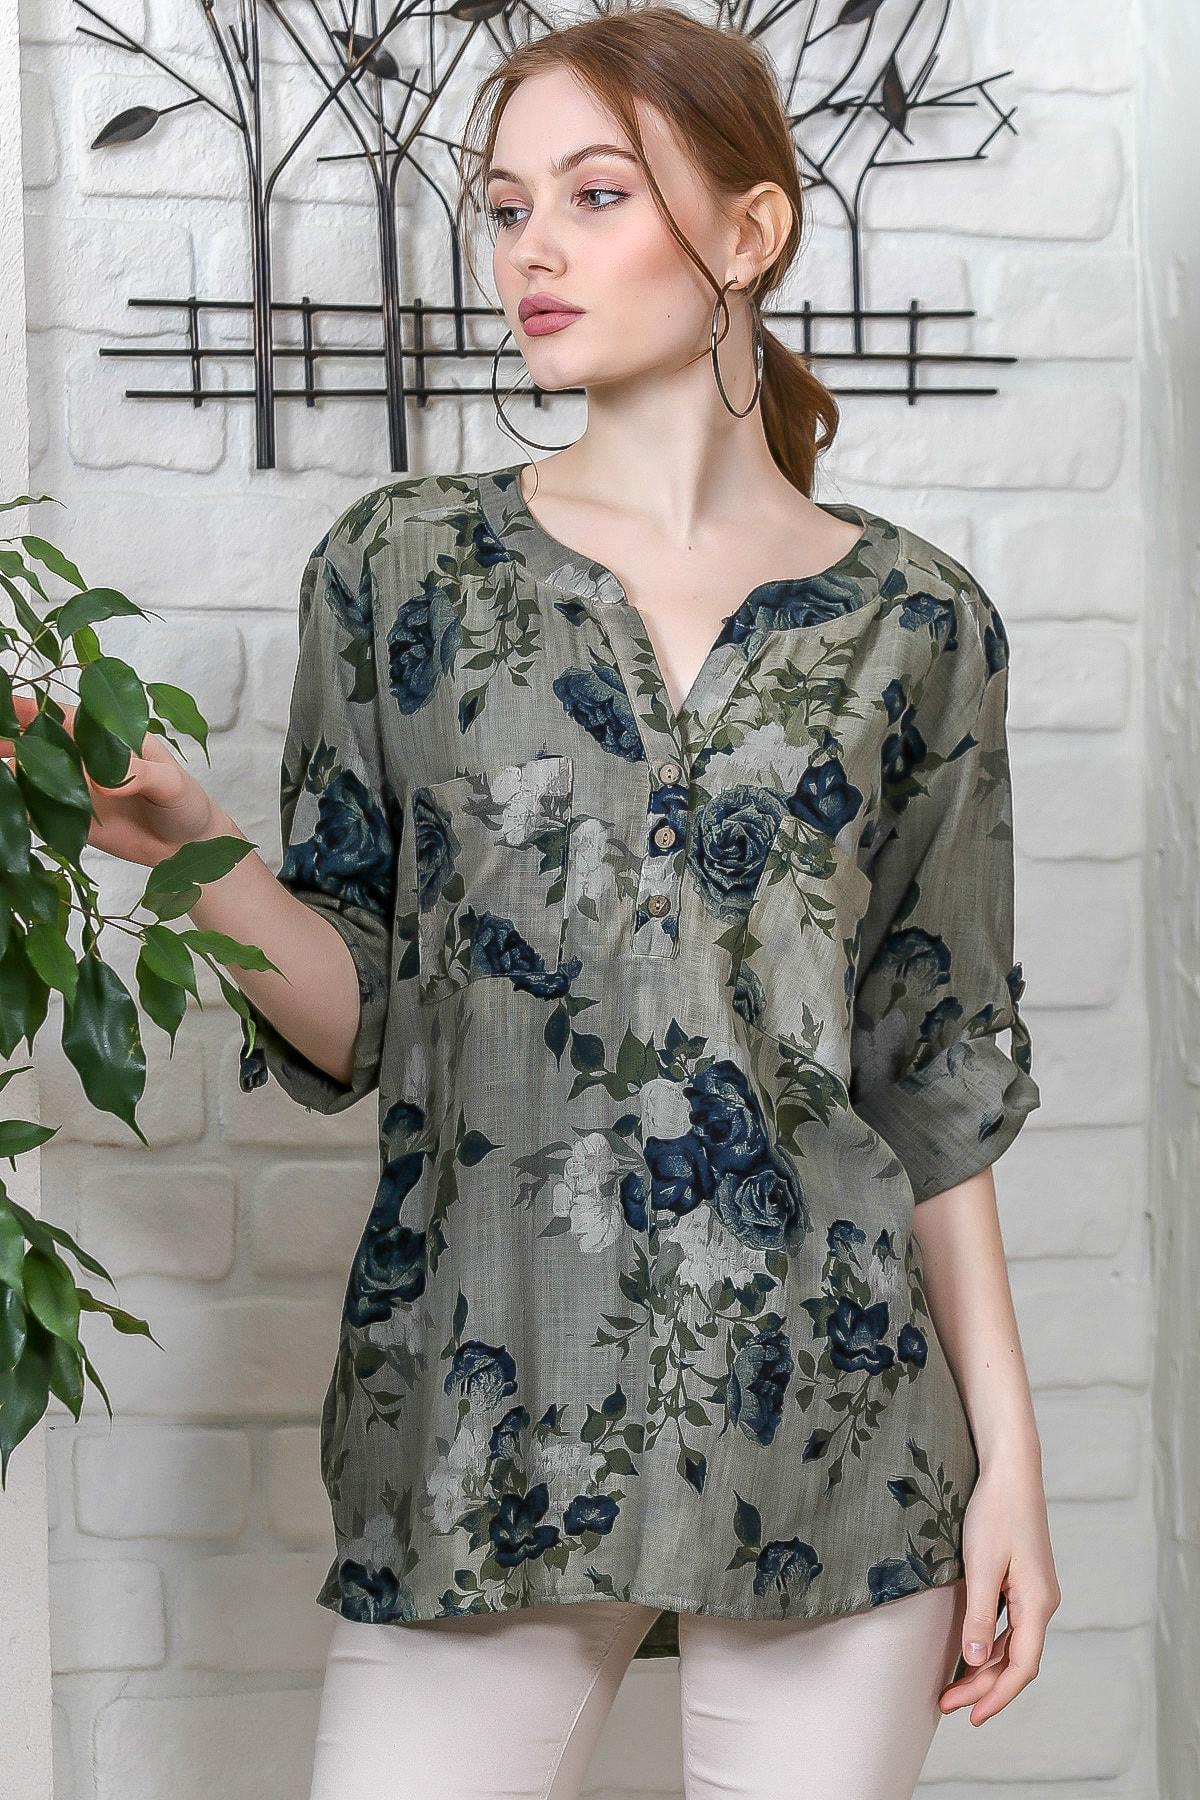 Chiccy Kadın Haki Sıfır Yaka Patı Düğme Detaylı Çiçek Desenli Salaş Gömlek M10010200BL95486 3